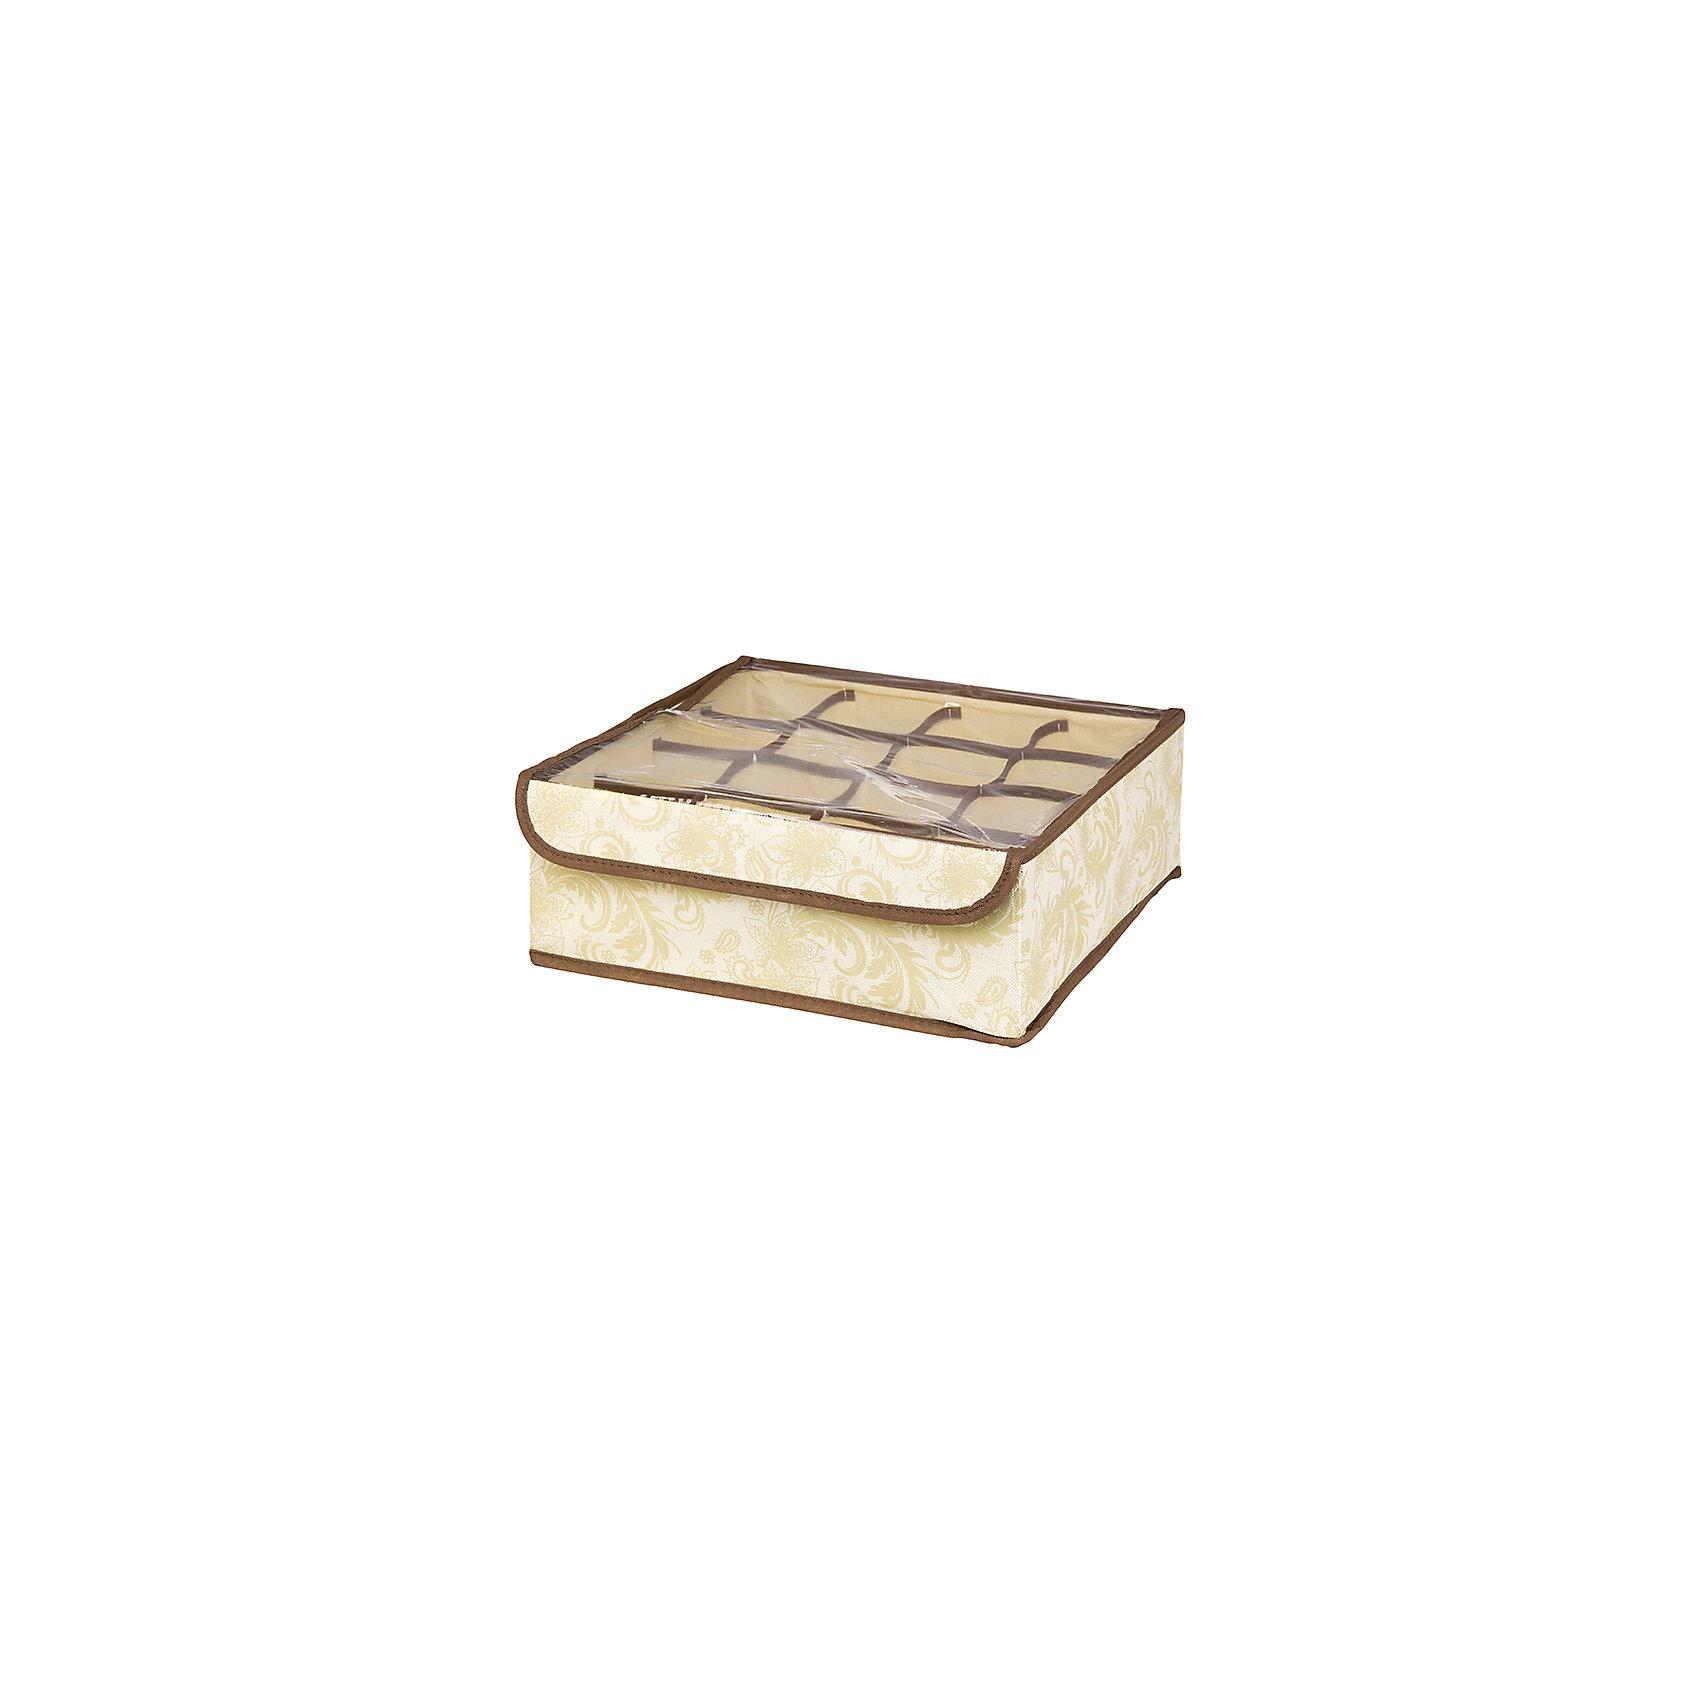 Кофр для нижнего белья и носков 32*32*12 см. Бежевый узор, 16 секций, EL CasaПорядок в детской<br>Характеристики товара:<br><br>• цвет: мульти<br>• материал: текстиль (полиэстер 100%)<br>• размер: 32 х 32 х 12 см<br>• вес: 300 г<br>• декорирован принтом<br>• прозрачная крышка<br>• защита от пыли<br>• естественная вентиляция<br>• 16 отделений<br>• удобный<br>• универсальный размер<br>• страна бренда: Российская Федерация<br>• страна производства: Китай<br><br>Такой кофр - отличный пример удобной и функциональной вещи для любого интерьера. В нем удобной хранить различные мелочи, например, нижнее белье и носки.<br><br>Кофр с жёстким каркасом для хранения может стать отличным приобретением для дома или подарком для любителей красивых оригинальных вещей.<br><br>Бренд EL Casa - это красивые и практичные товары для дома с современным дизайном. Они добавляют в жильё уюта и комфорта! <br><br>Кофр для нижнего белья и носков 32*32*12 см. Бежевый узор, 16 секций, EL Casa можно купить в нашем интернет-магазине.<br><br>Ширина мм: 330<br>Глубина мм: 125<br>Высота мм: 15<br>Вес г: 290<br>Возраст от месяцев: 0<br>Возраст до месяцев: 1188<br>Пол: Унисекс<br>Возраст: Детский<br>SKU: 6668771